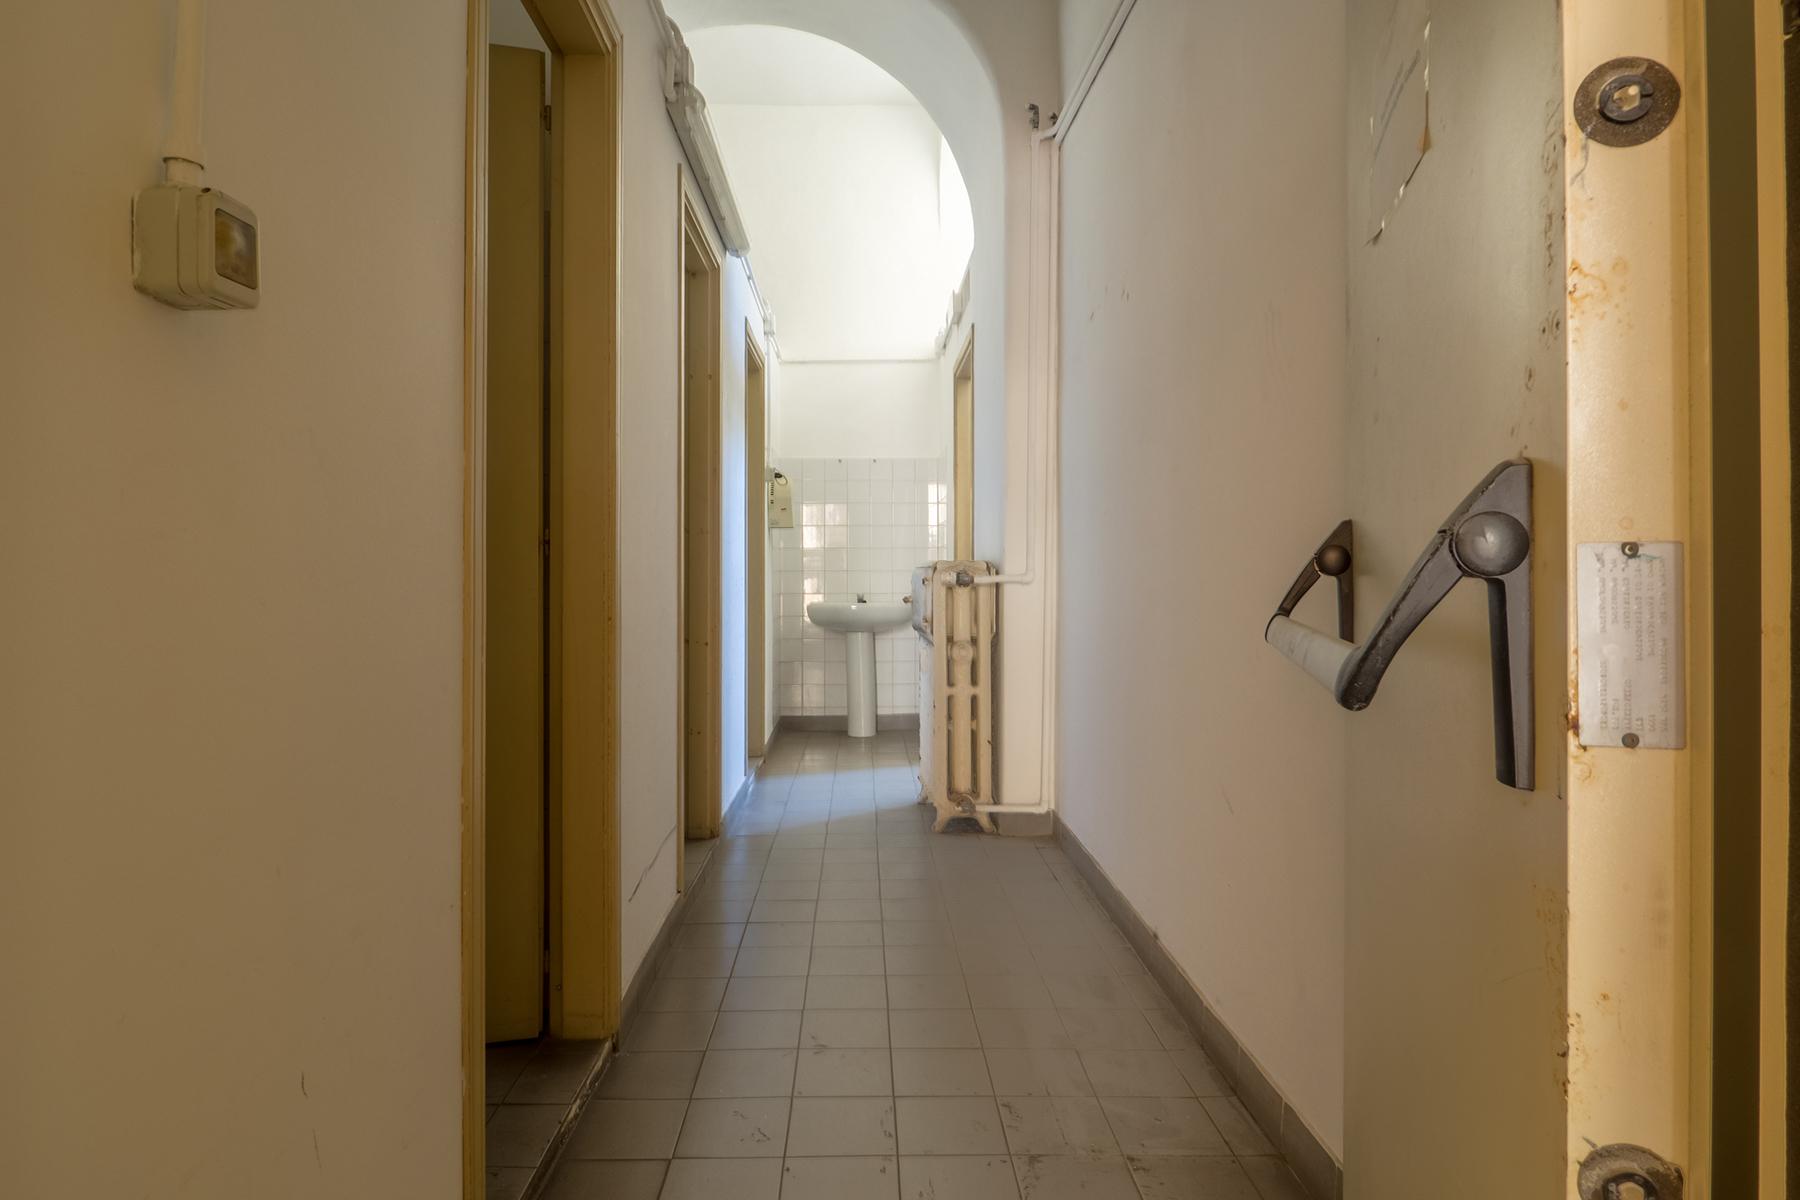 Ufficio-studio in Affitto a Torino: 5 locali, 1000 mq - Foto 12